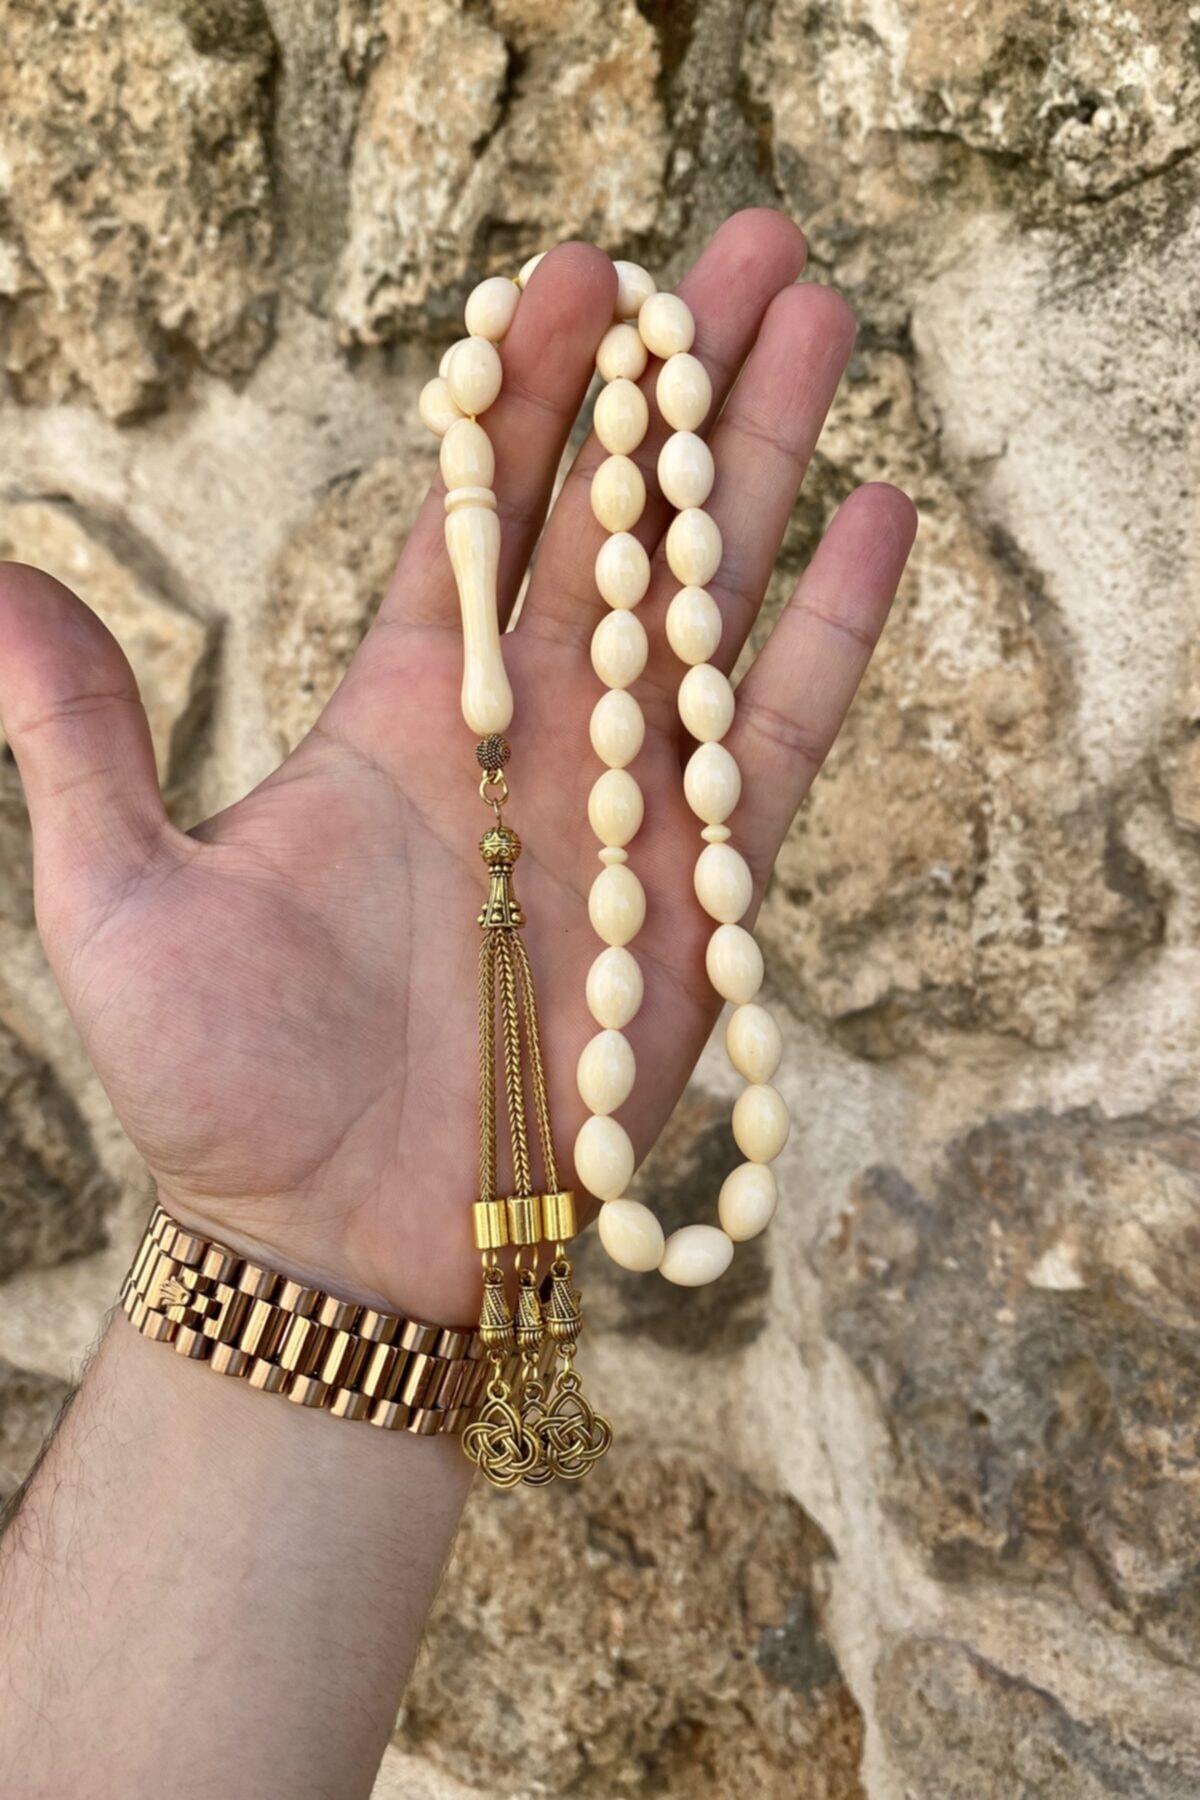 MÜNTAKIŞ Aşk Düğüm Püsküllü Beyrut Damla Kehribar Tesbih 2